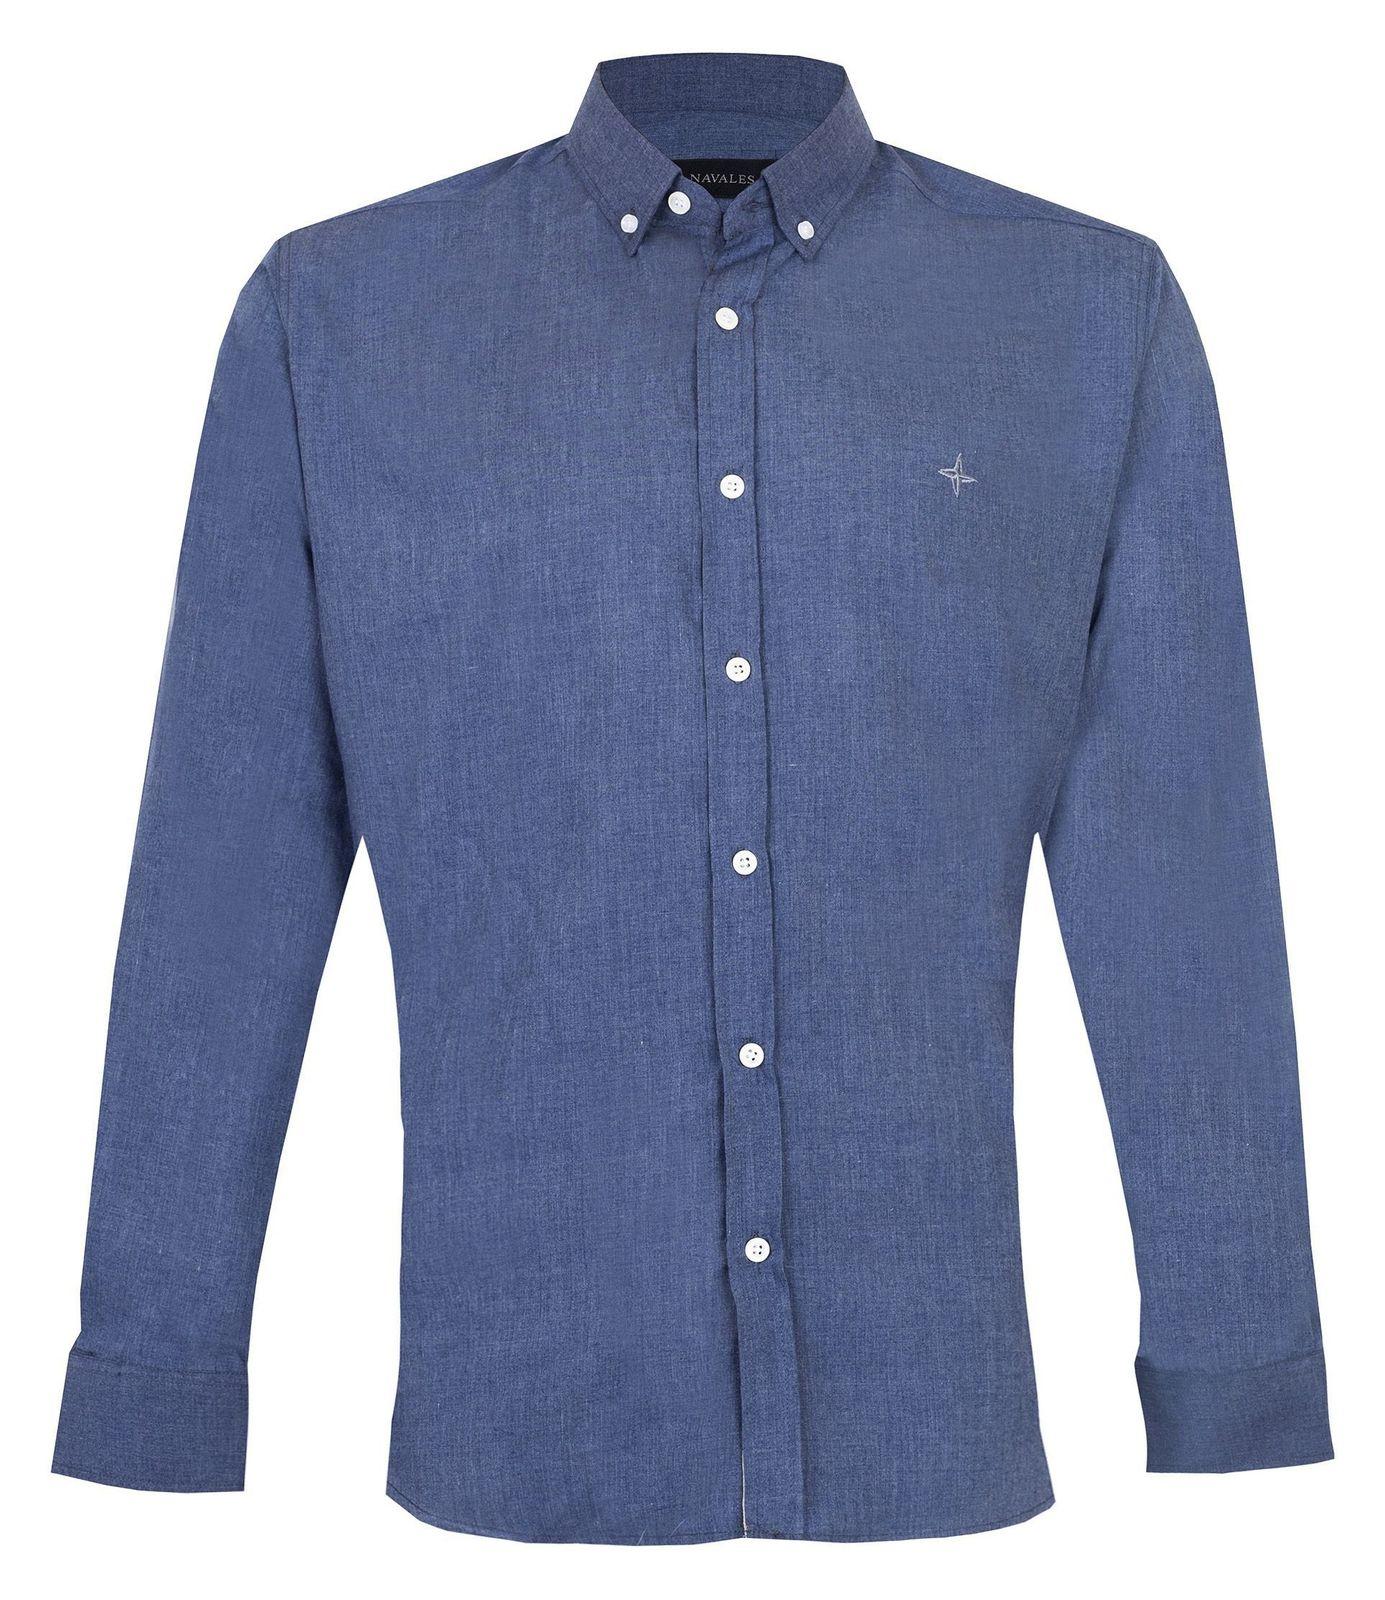 پیراهن مردانه ناوالس مدل regularfit2019_nv main 1 1